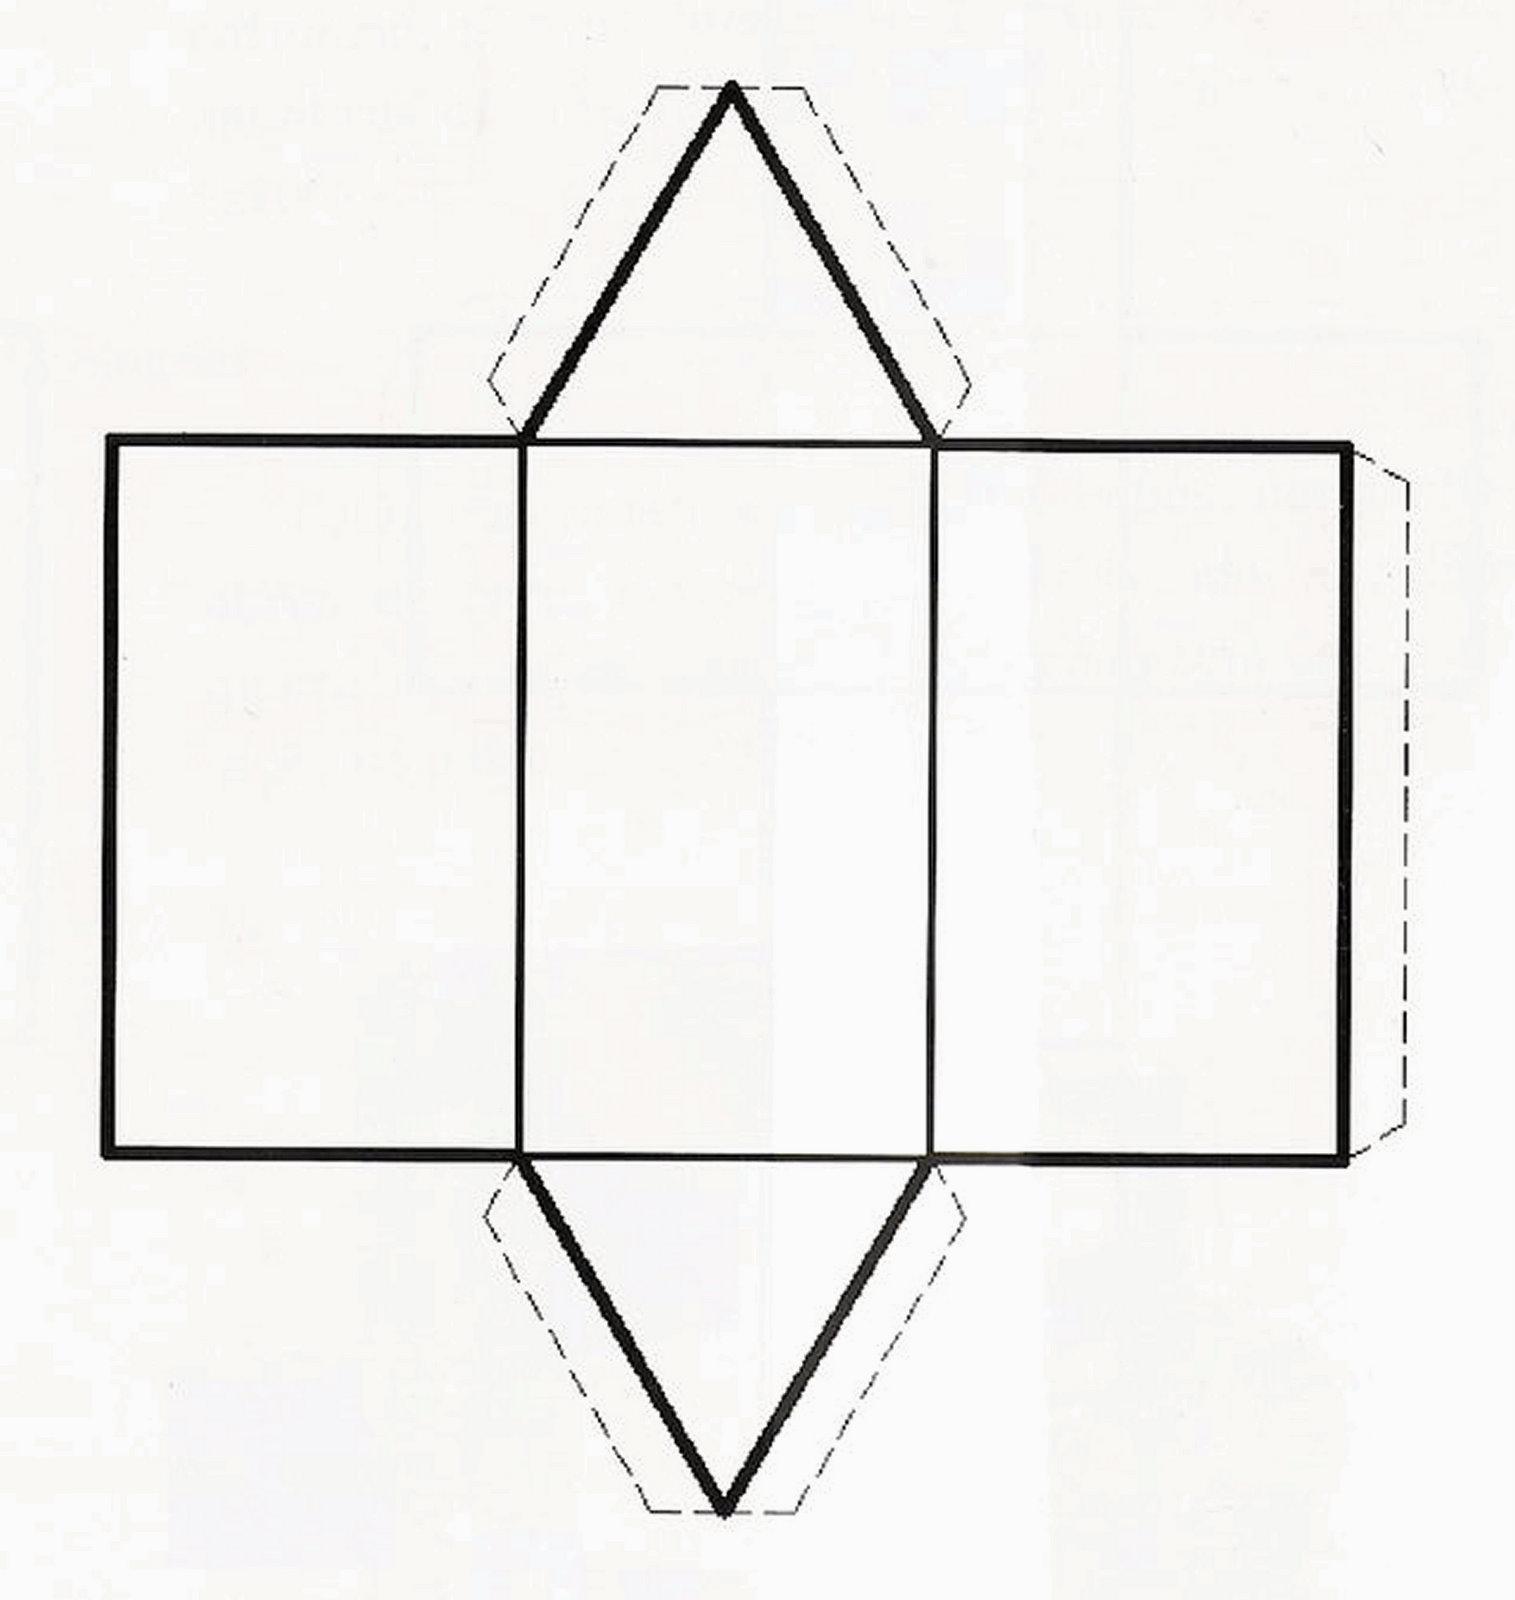 Pro matem tica maluca m bile de s lidos geom tricos for Como hacer un sobre rectangular